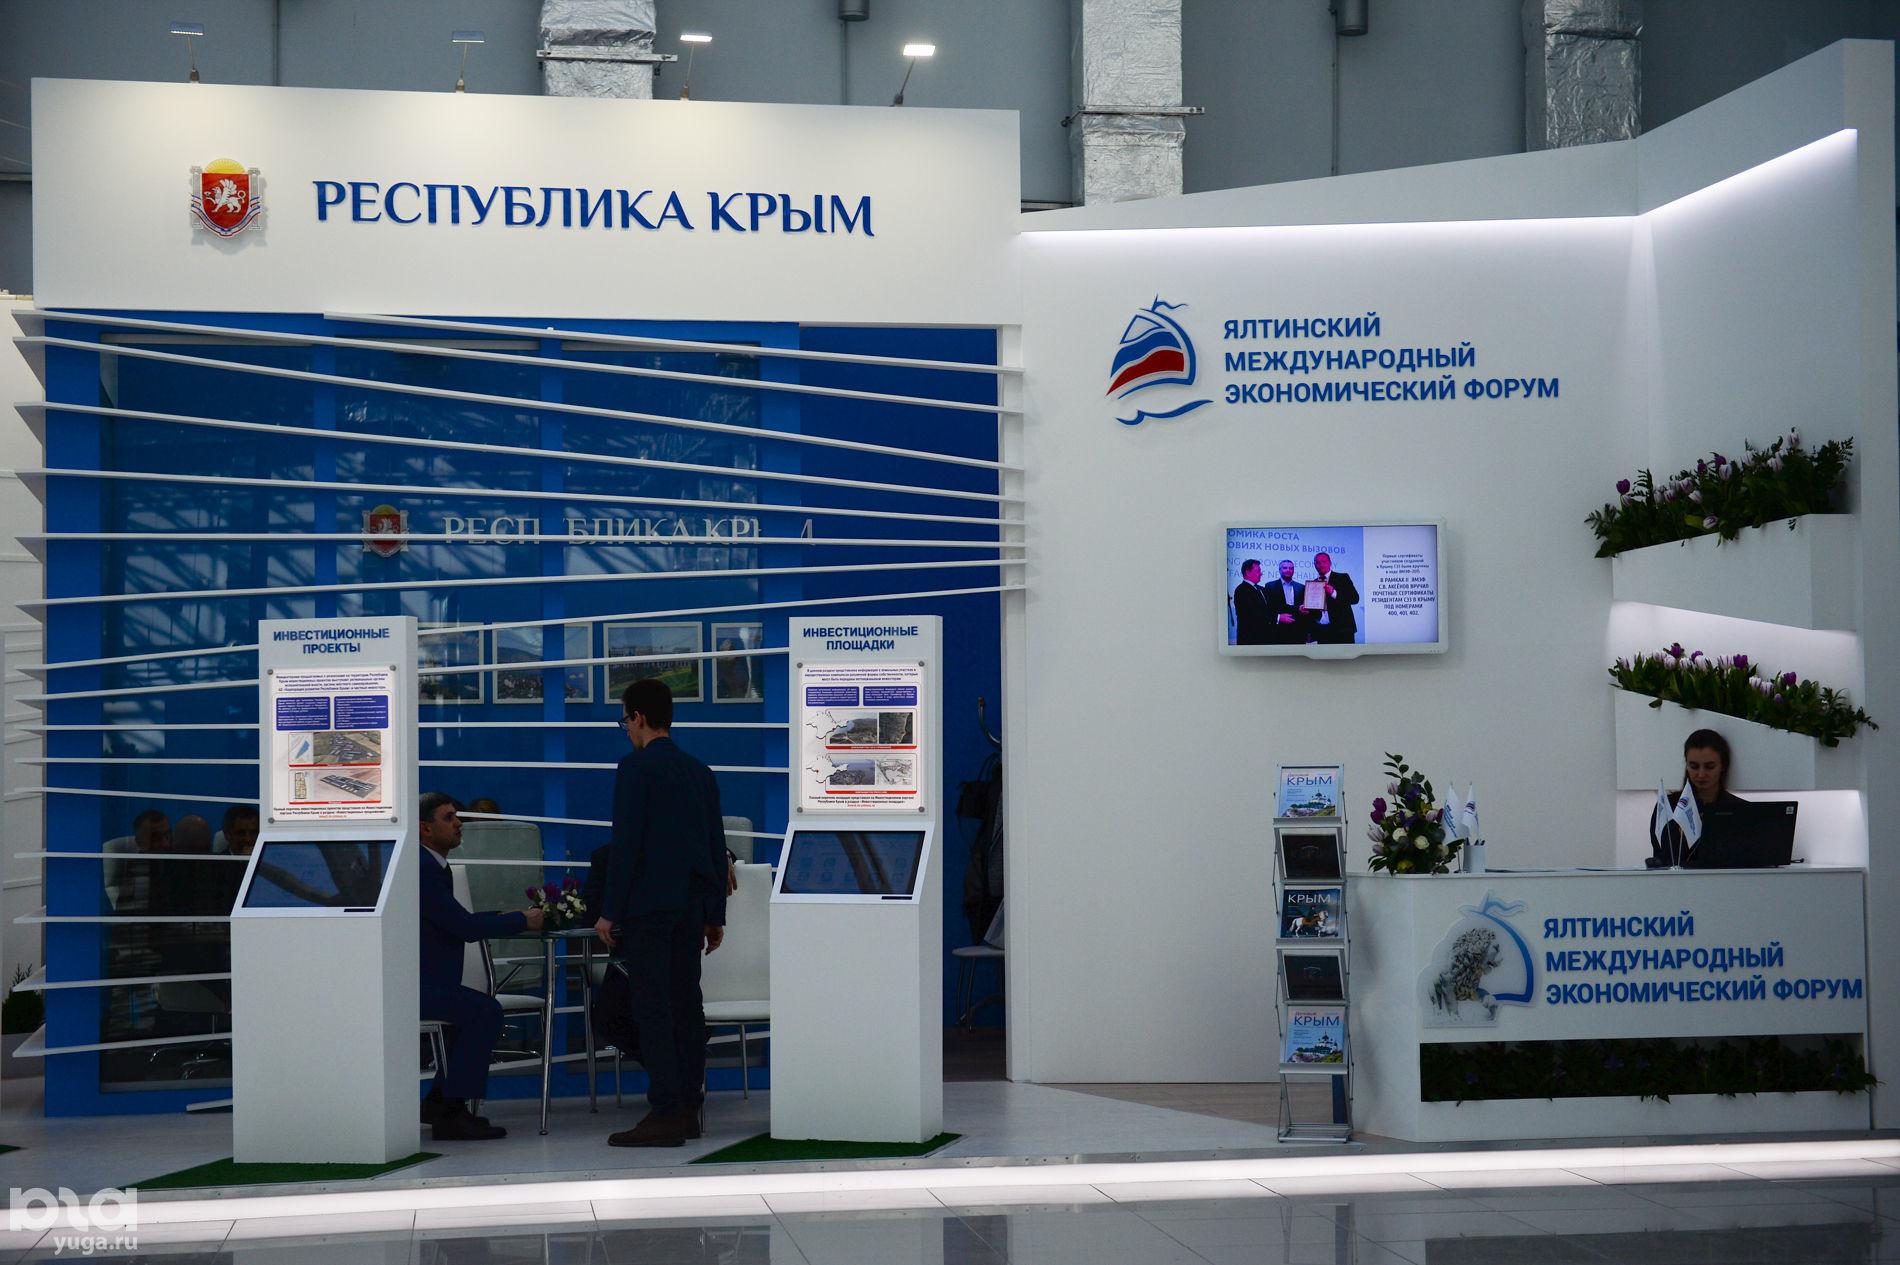 Российский инвестиционный форум в Сочи — 2017 ©Фото Никиты Быкова, Юга.ру